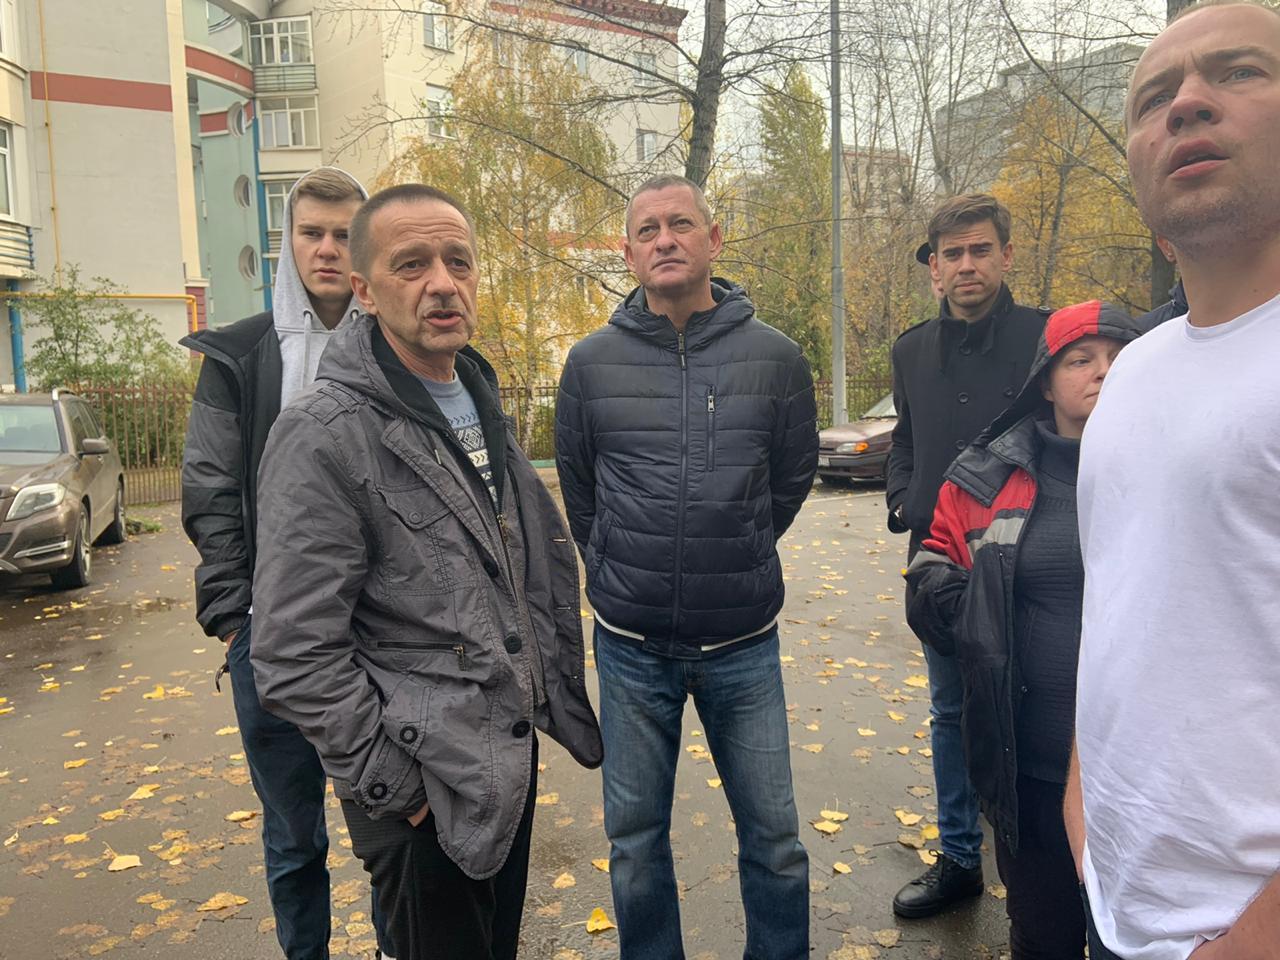 Глава муниципального округа Перово и депутаты приняли участие в традиционном субботнем обходе района. Фото предоставлено аппаратом СД МО Перово